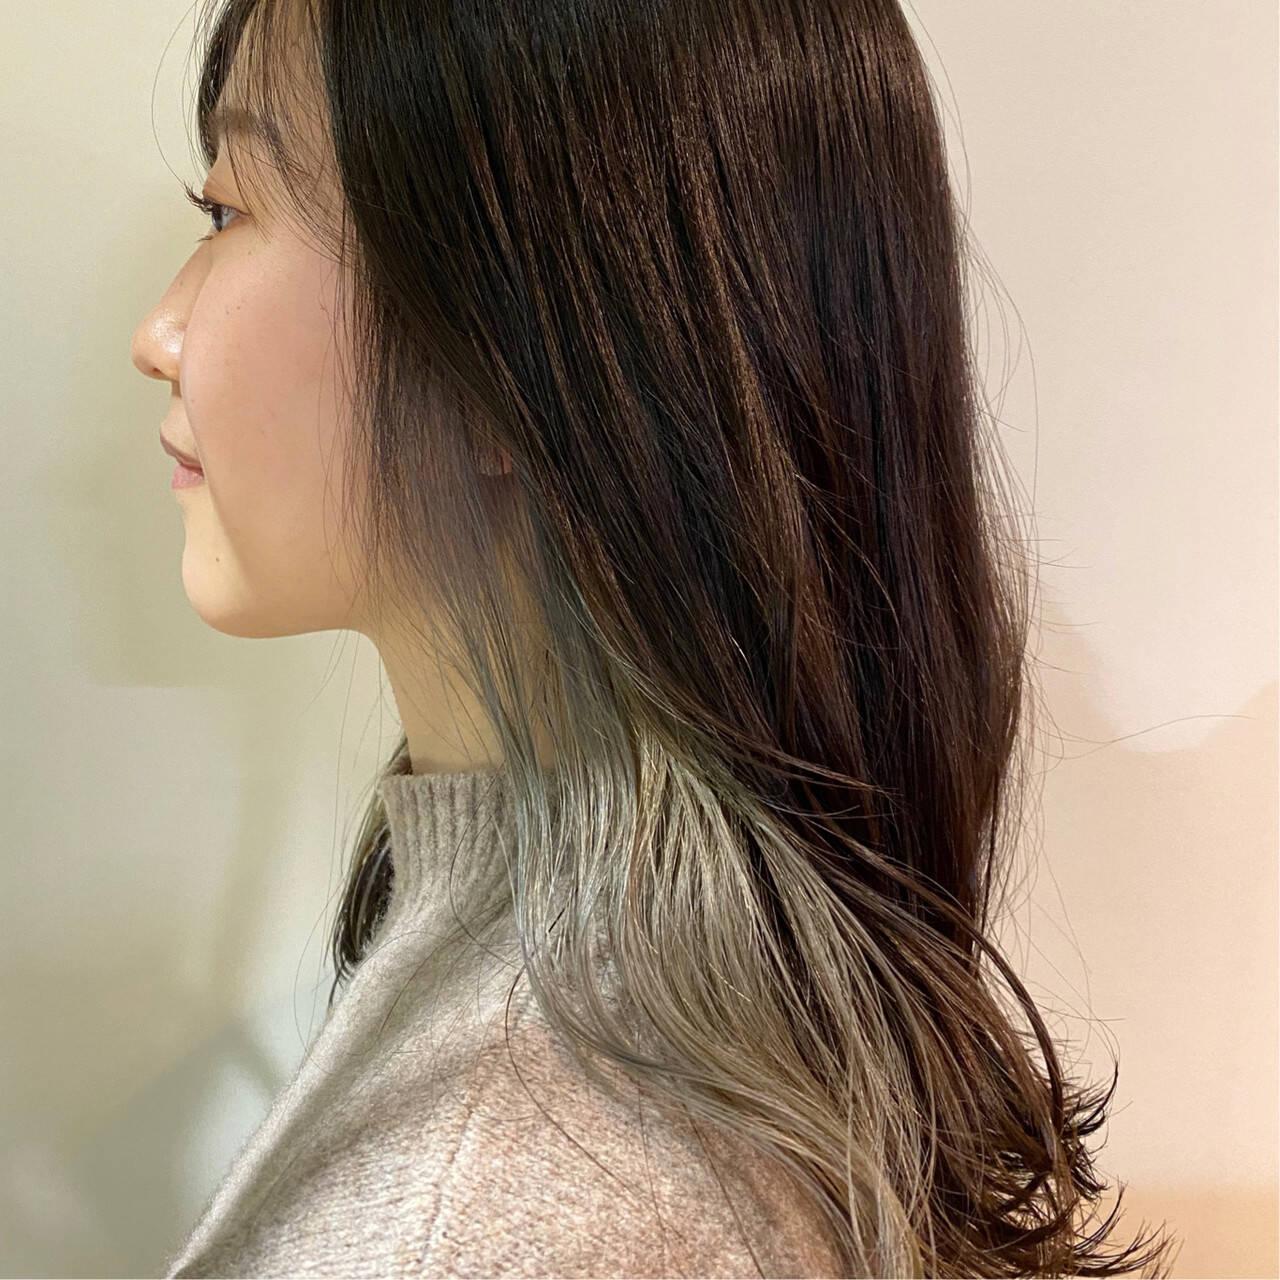 インナーカラーグレージュ シルバーグレー シルバーアッシュ インナーカラーシルバーヘアスタイルや髪型の写真・画像